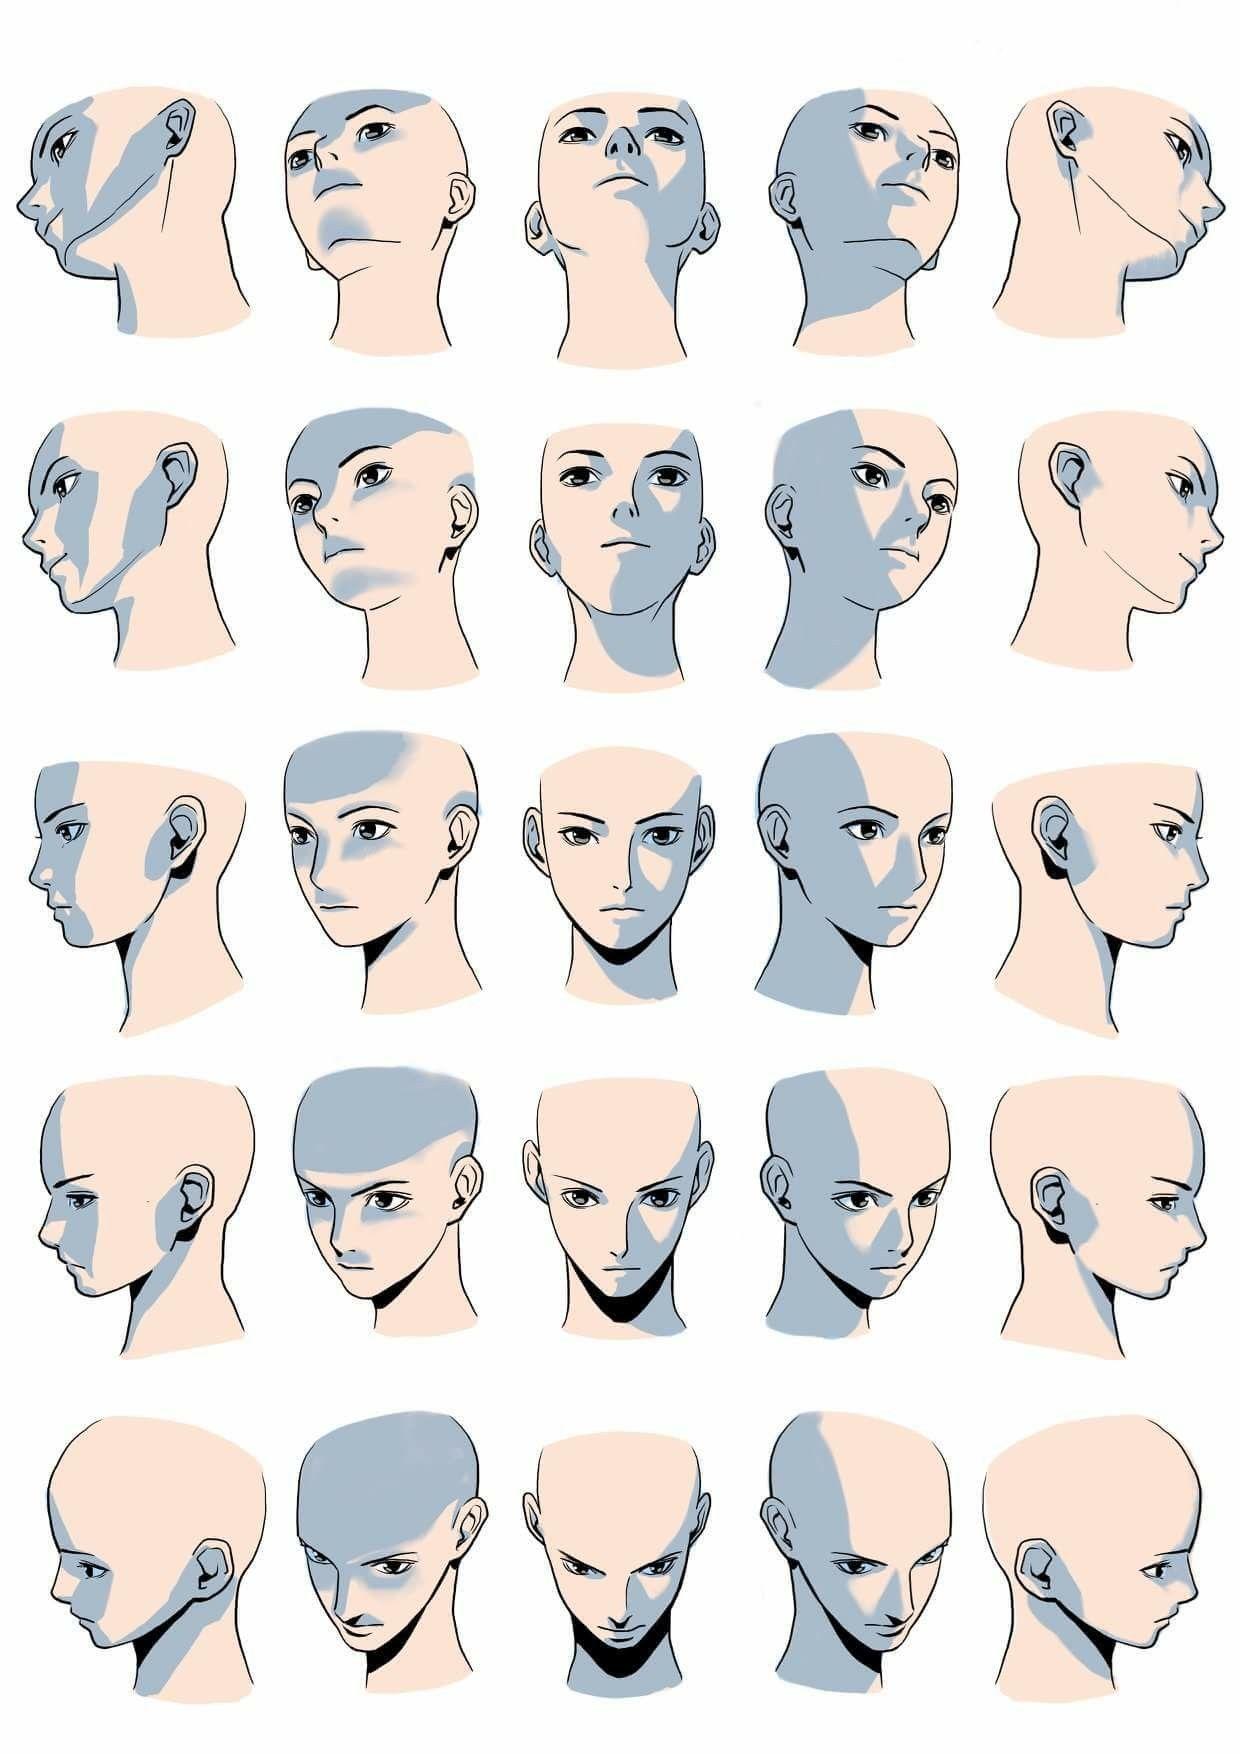 Belajar Sketsa Menggambar Kepala Sketsa Referensi Gambar